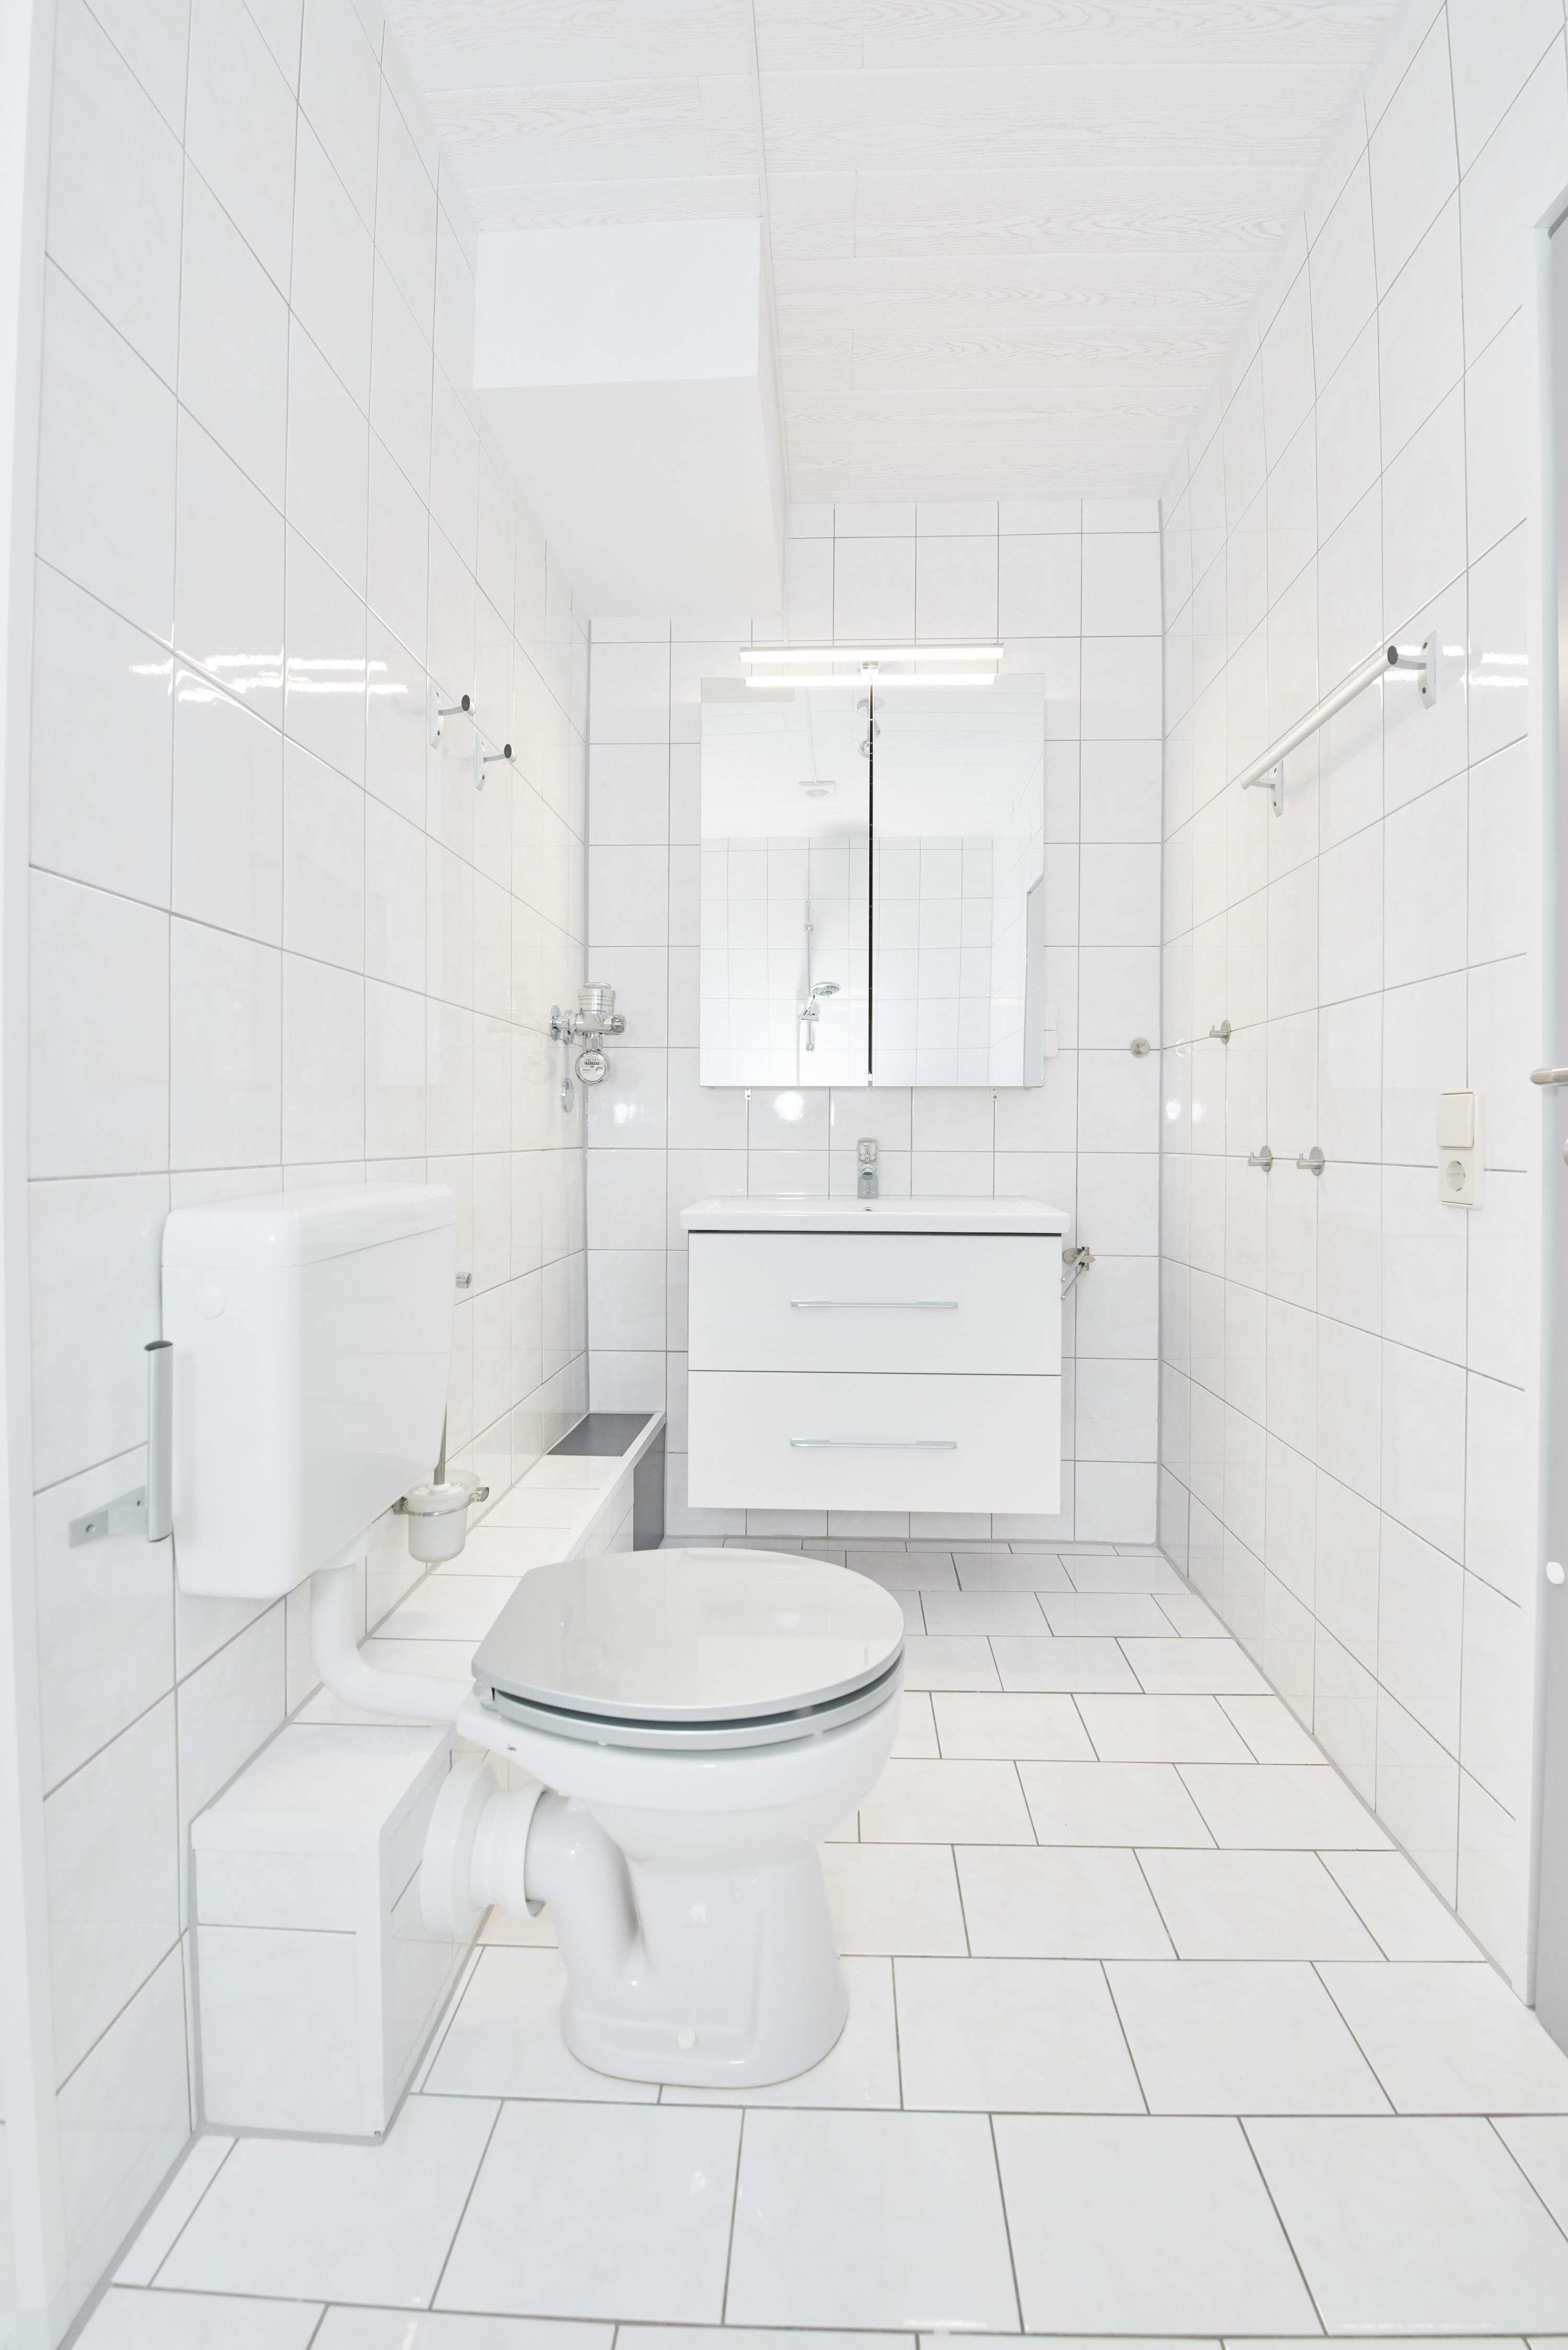 3 Zimmer Wohnung Im Herzen Von Karlsruhe Daxlanden Zu Kaufen Jetzt Vormerken Lassen W4 Immobilien Bvfi Makler Immobili Mit Bildern 3 Zimmer Wohnung Wohnung Pfinztal